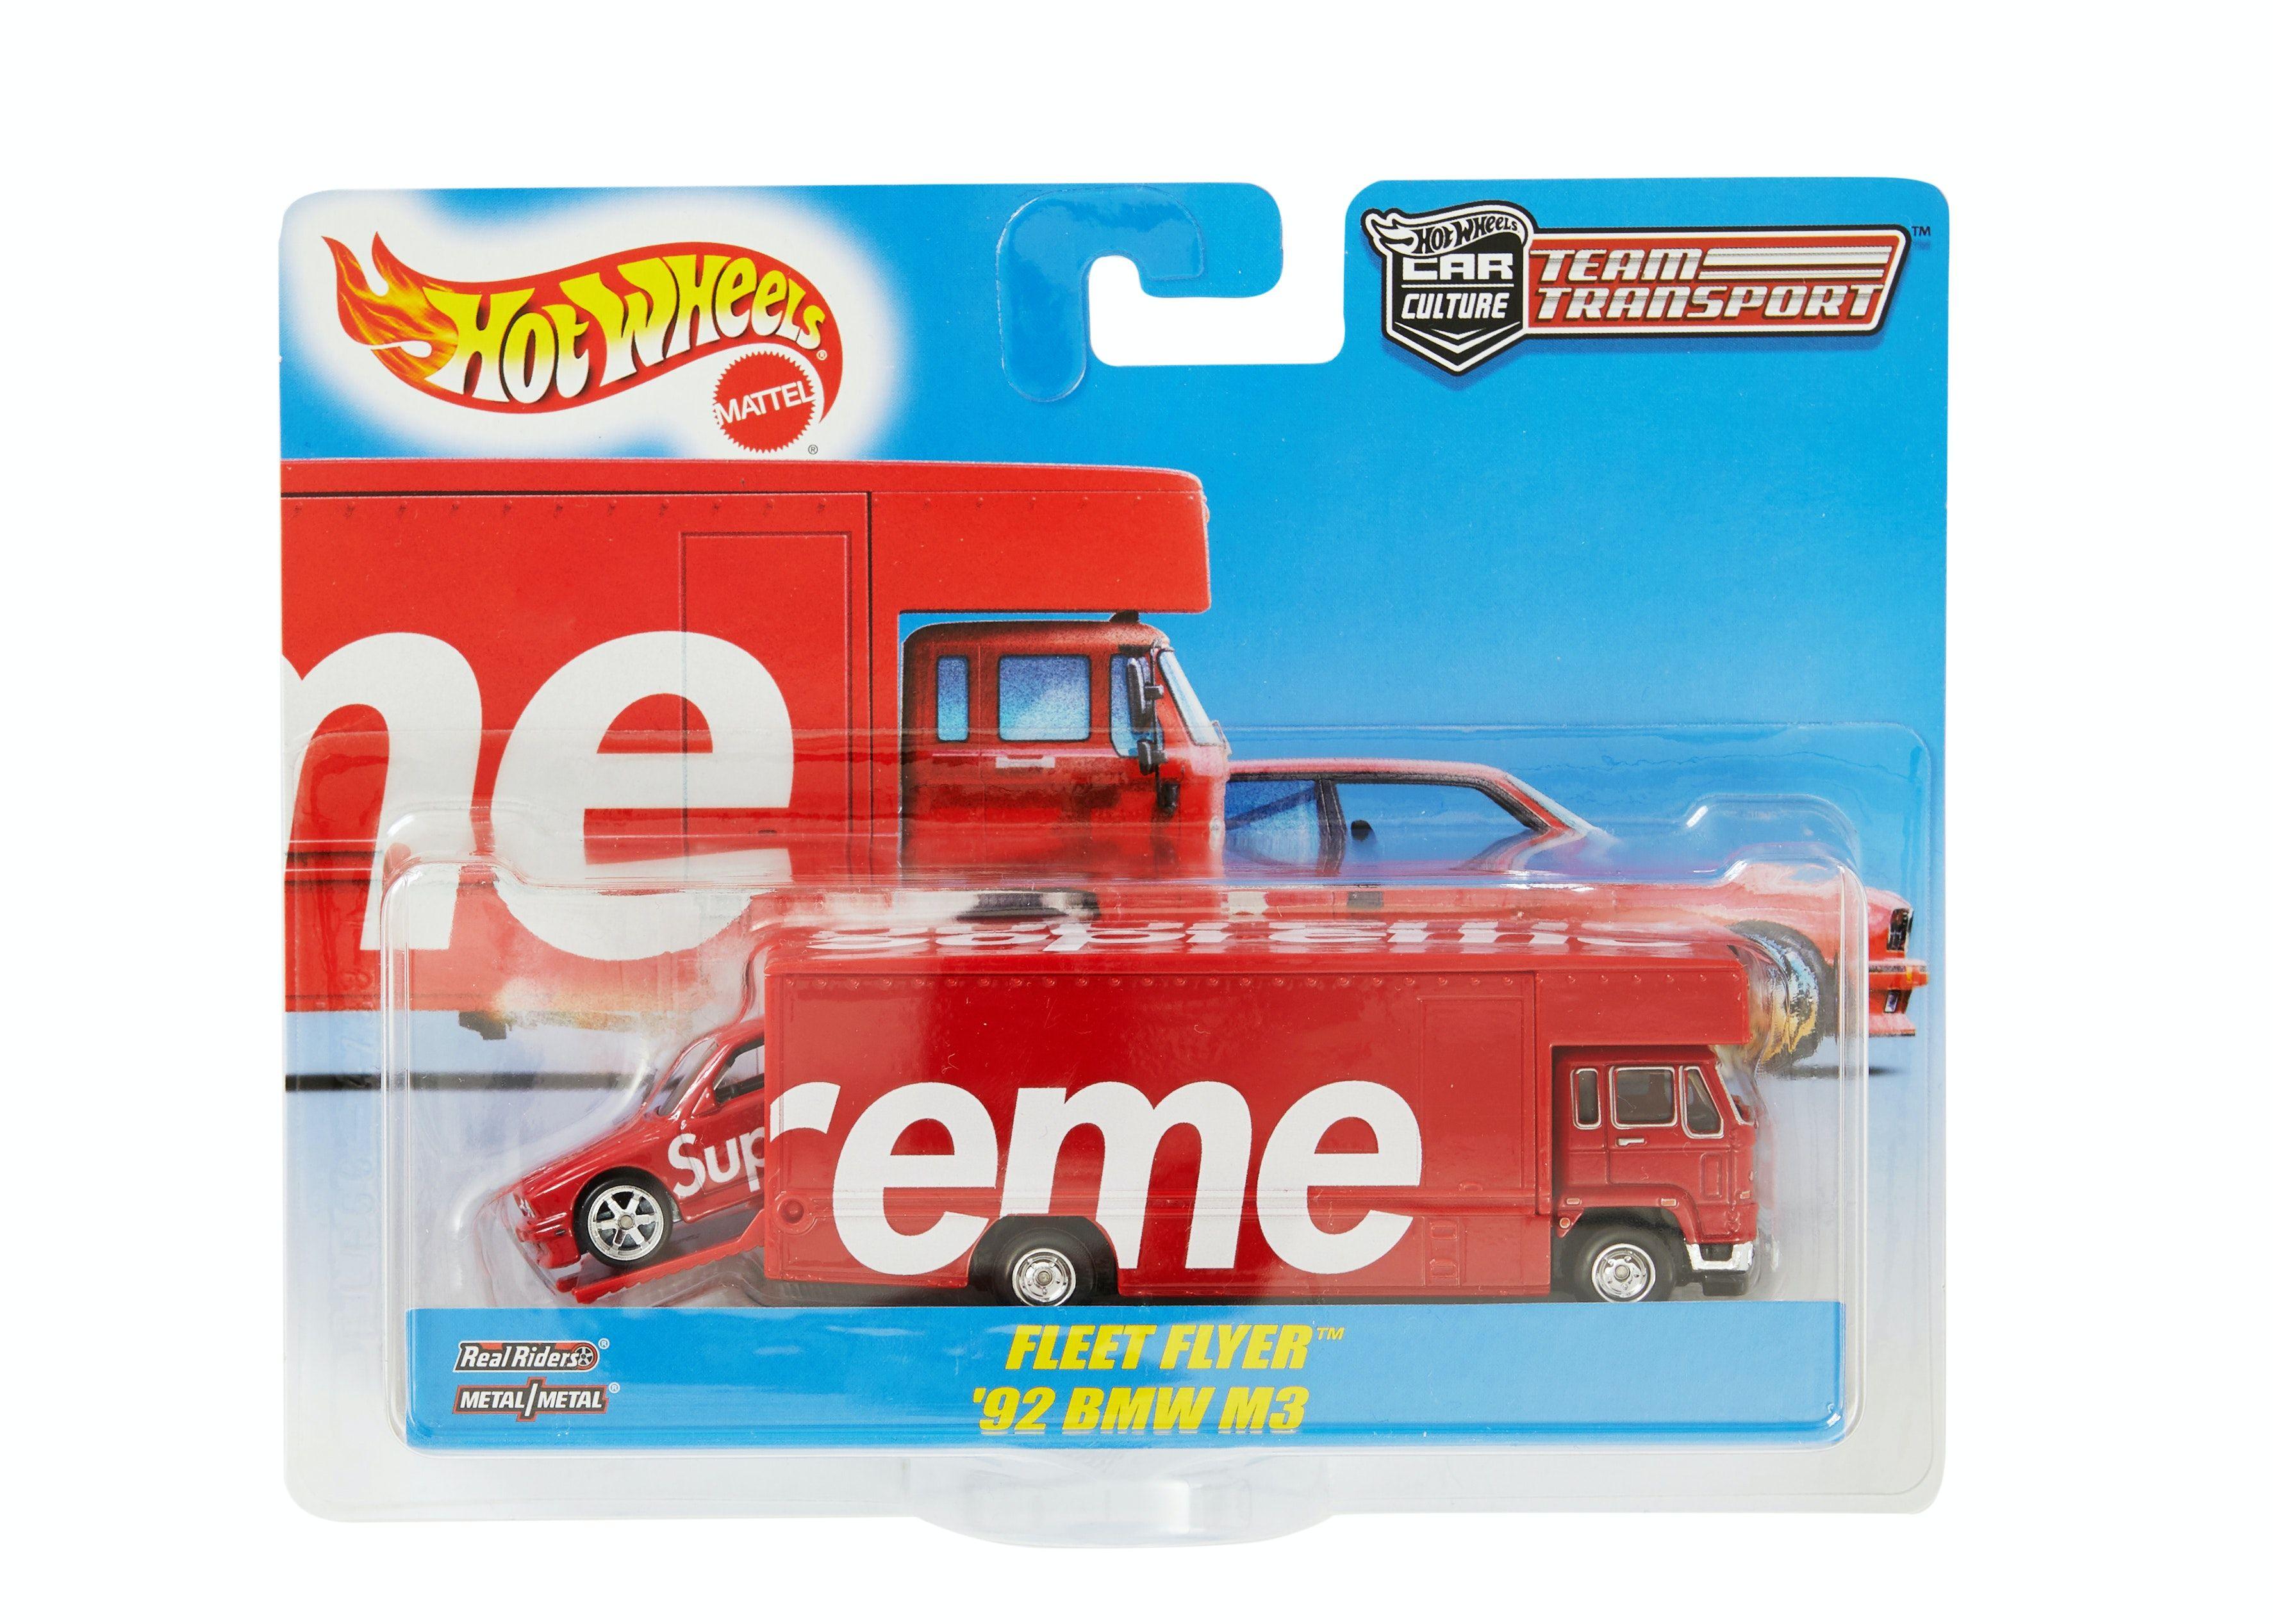 Supreme Hot Wheels Fleet Flyer 1992 Bmw M3 Red In 2020 Spring Summer Accessories Bmw M3 Hot Wheels